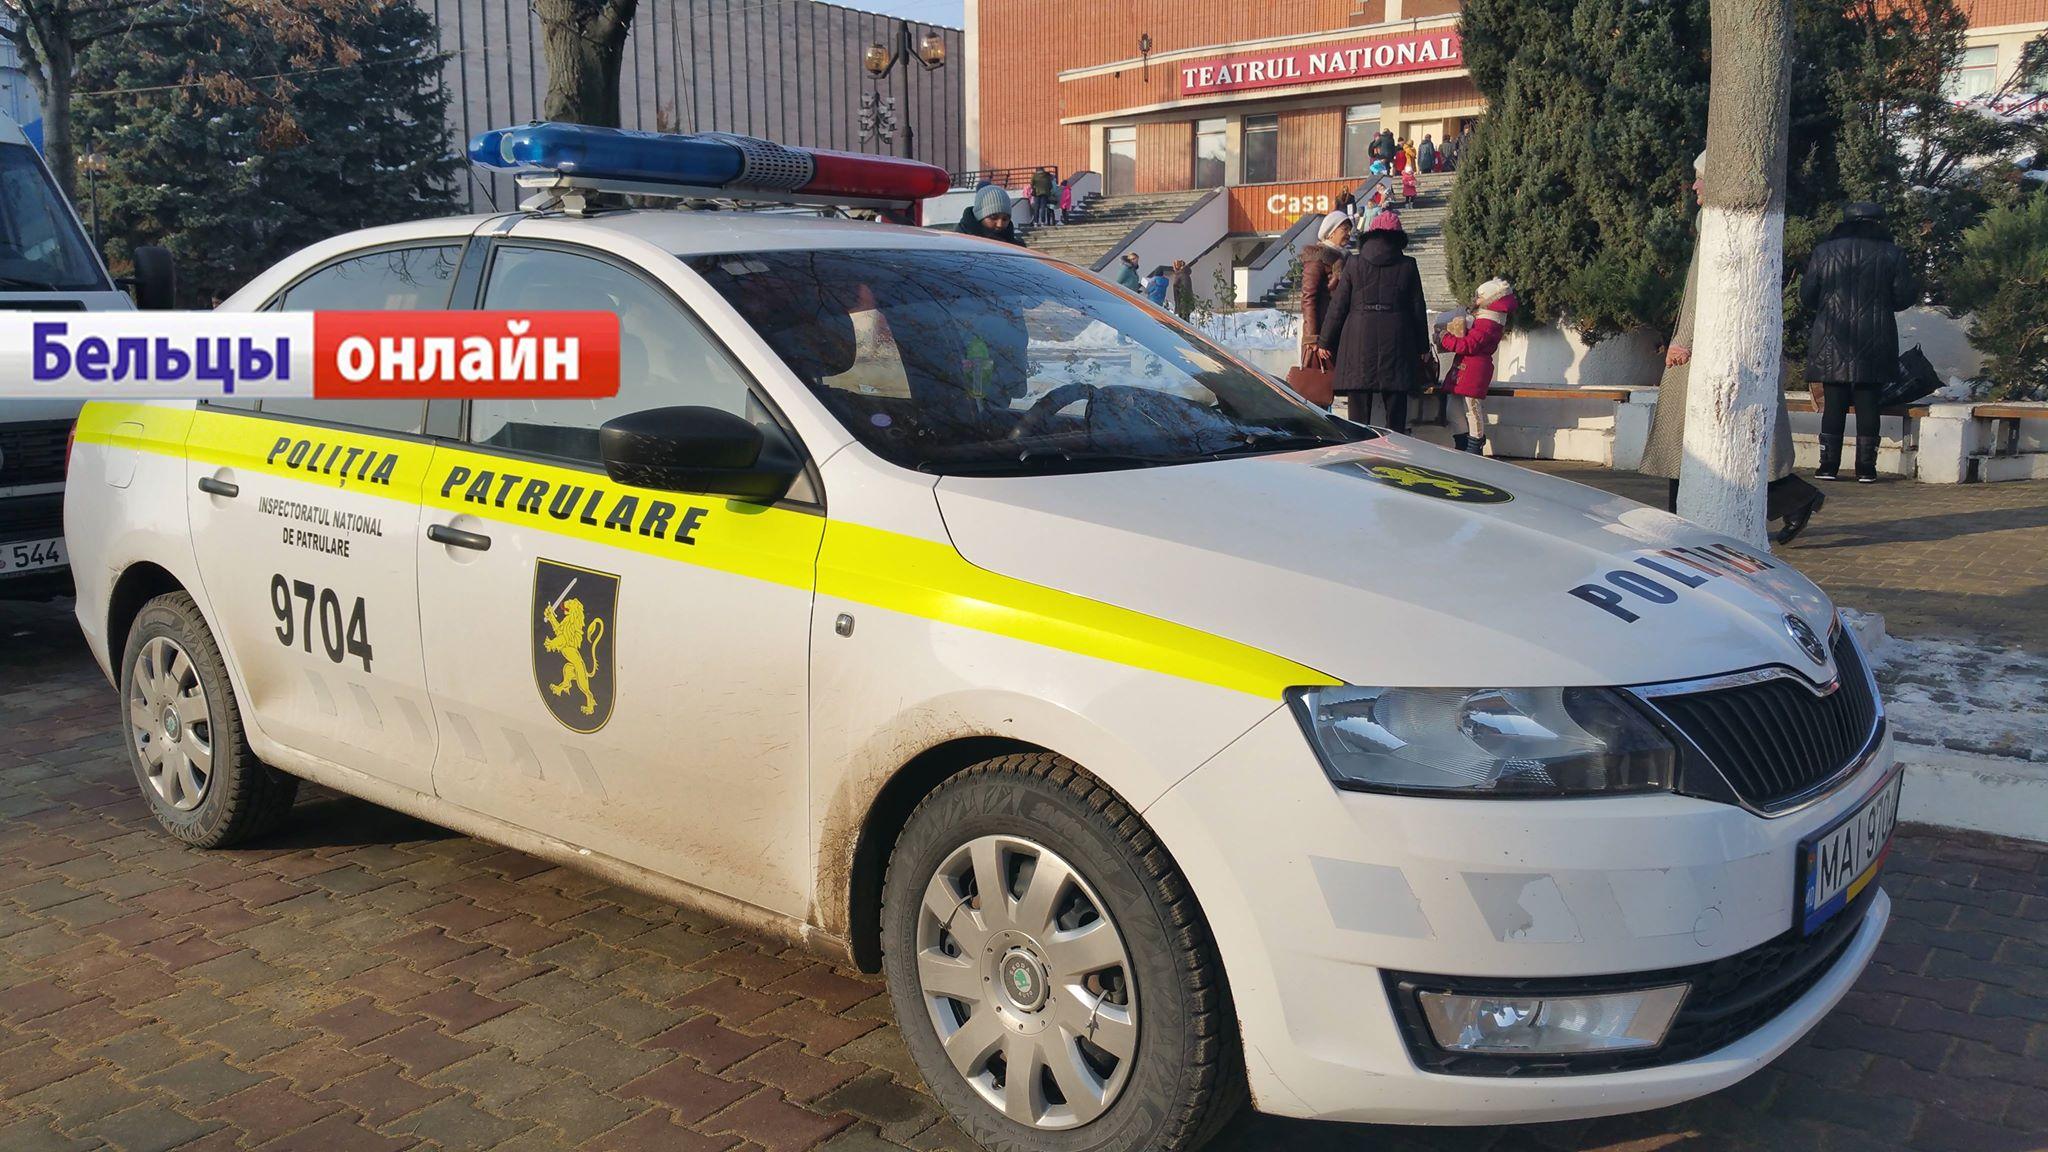 Обыски в НИП управления «Север»: задержаны 3 человека